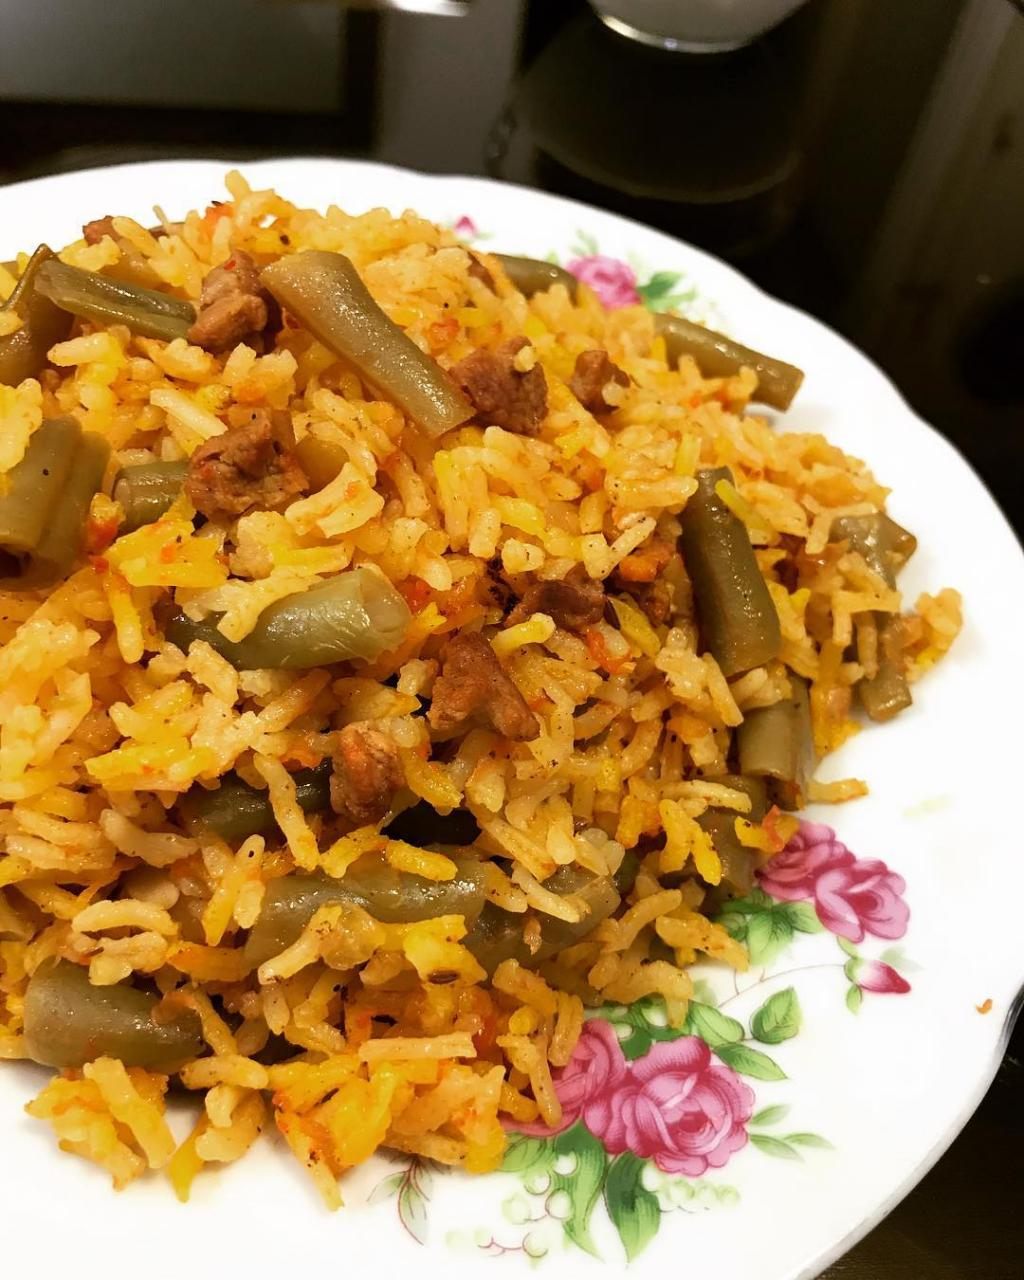 آموزش کامل پخت انواع لوبیا پلو خوشمزه لذیذ